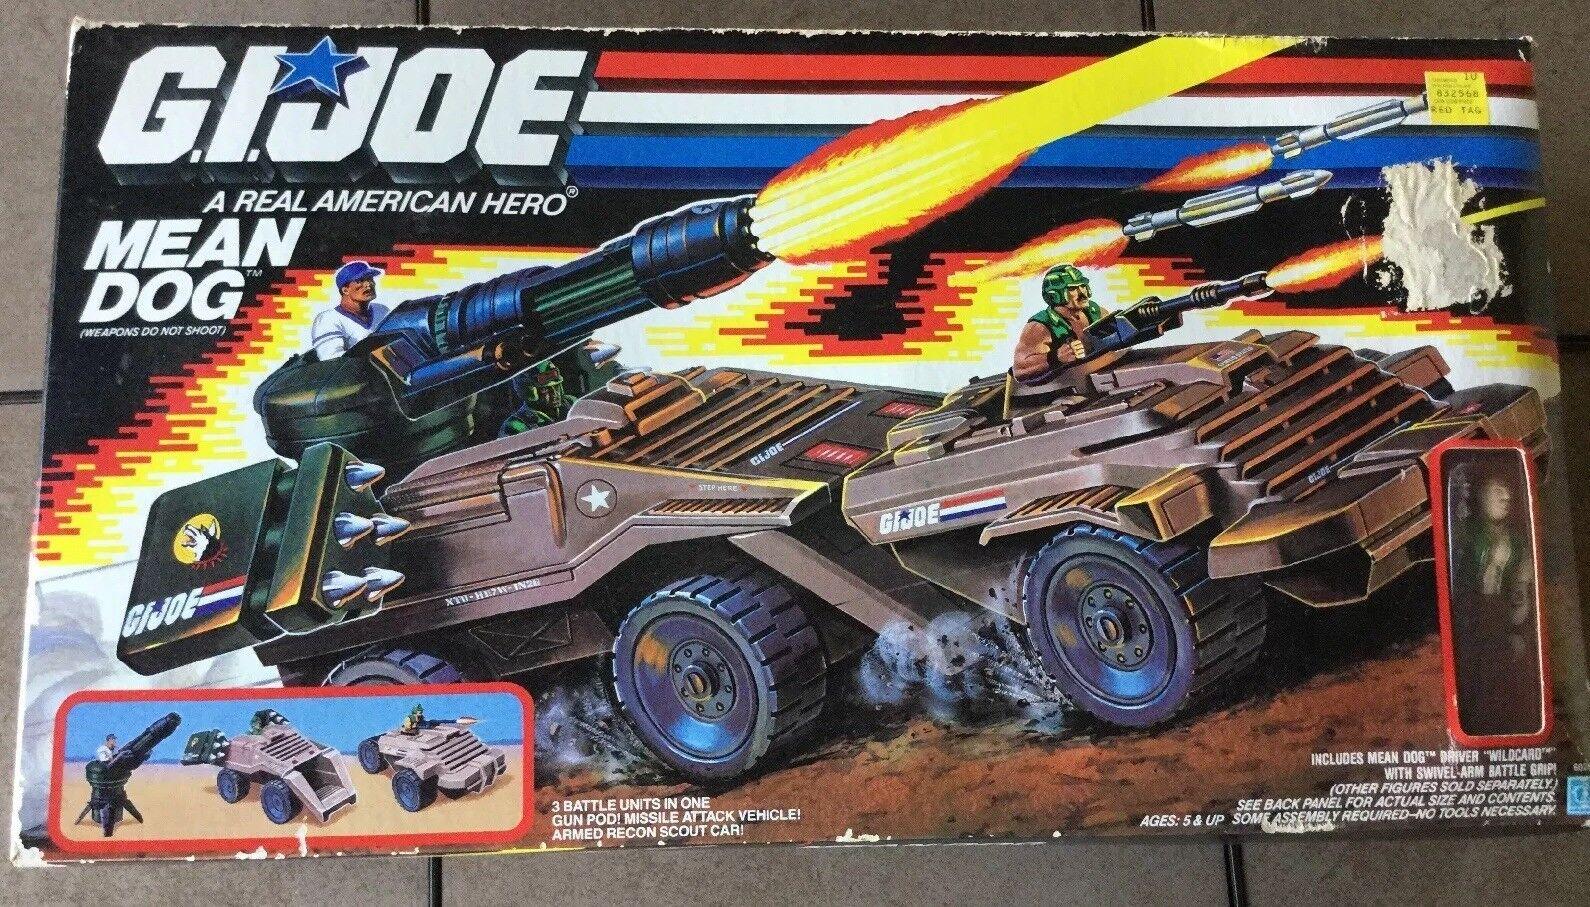 Gi Joe Mean Dog 1987